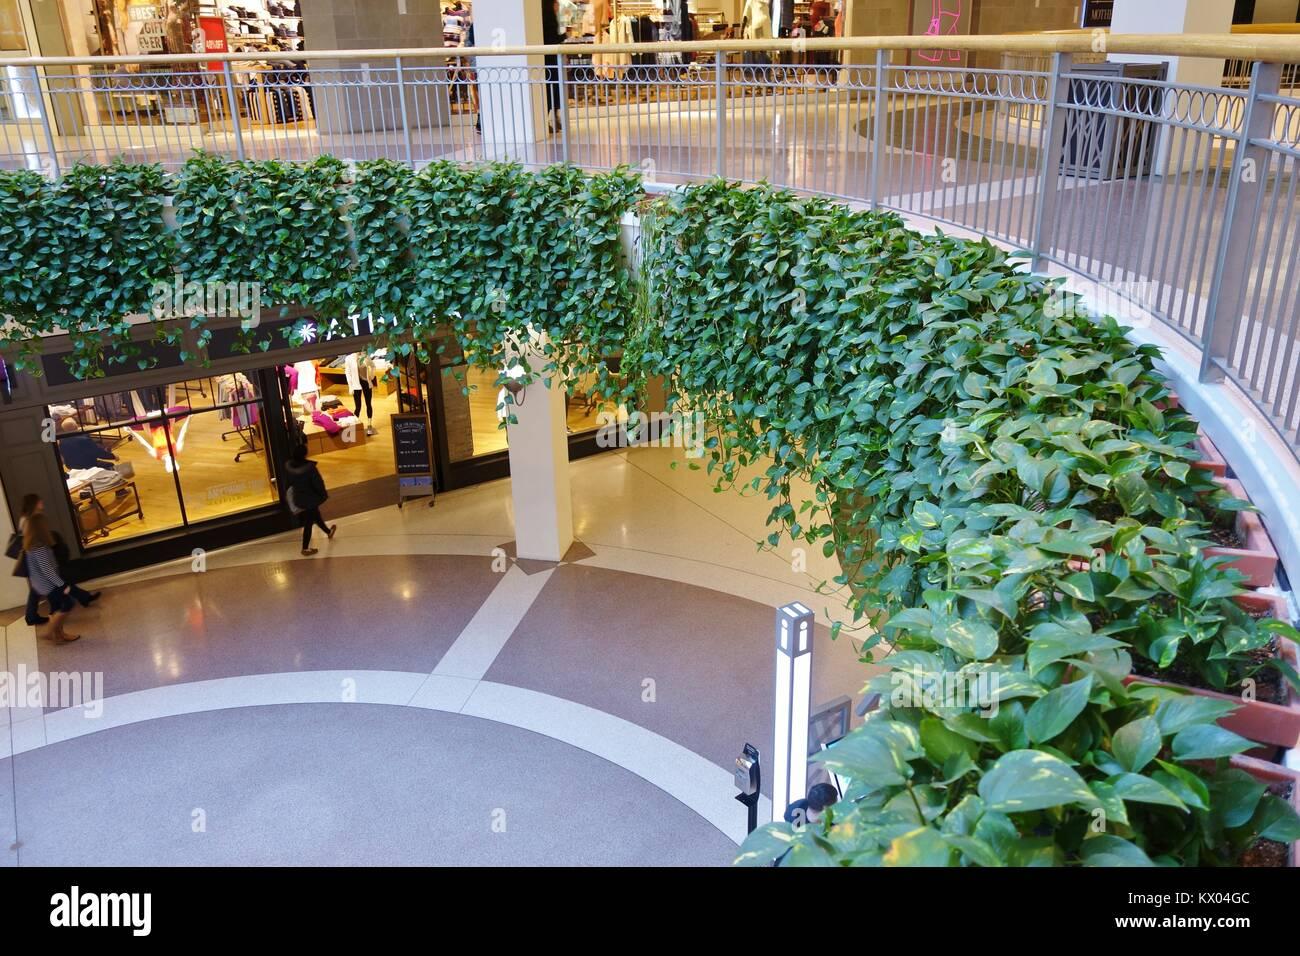 Live Indoor Plants Stock Photos & Live Indoor Plants Stock Images ...